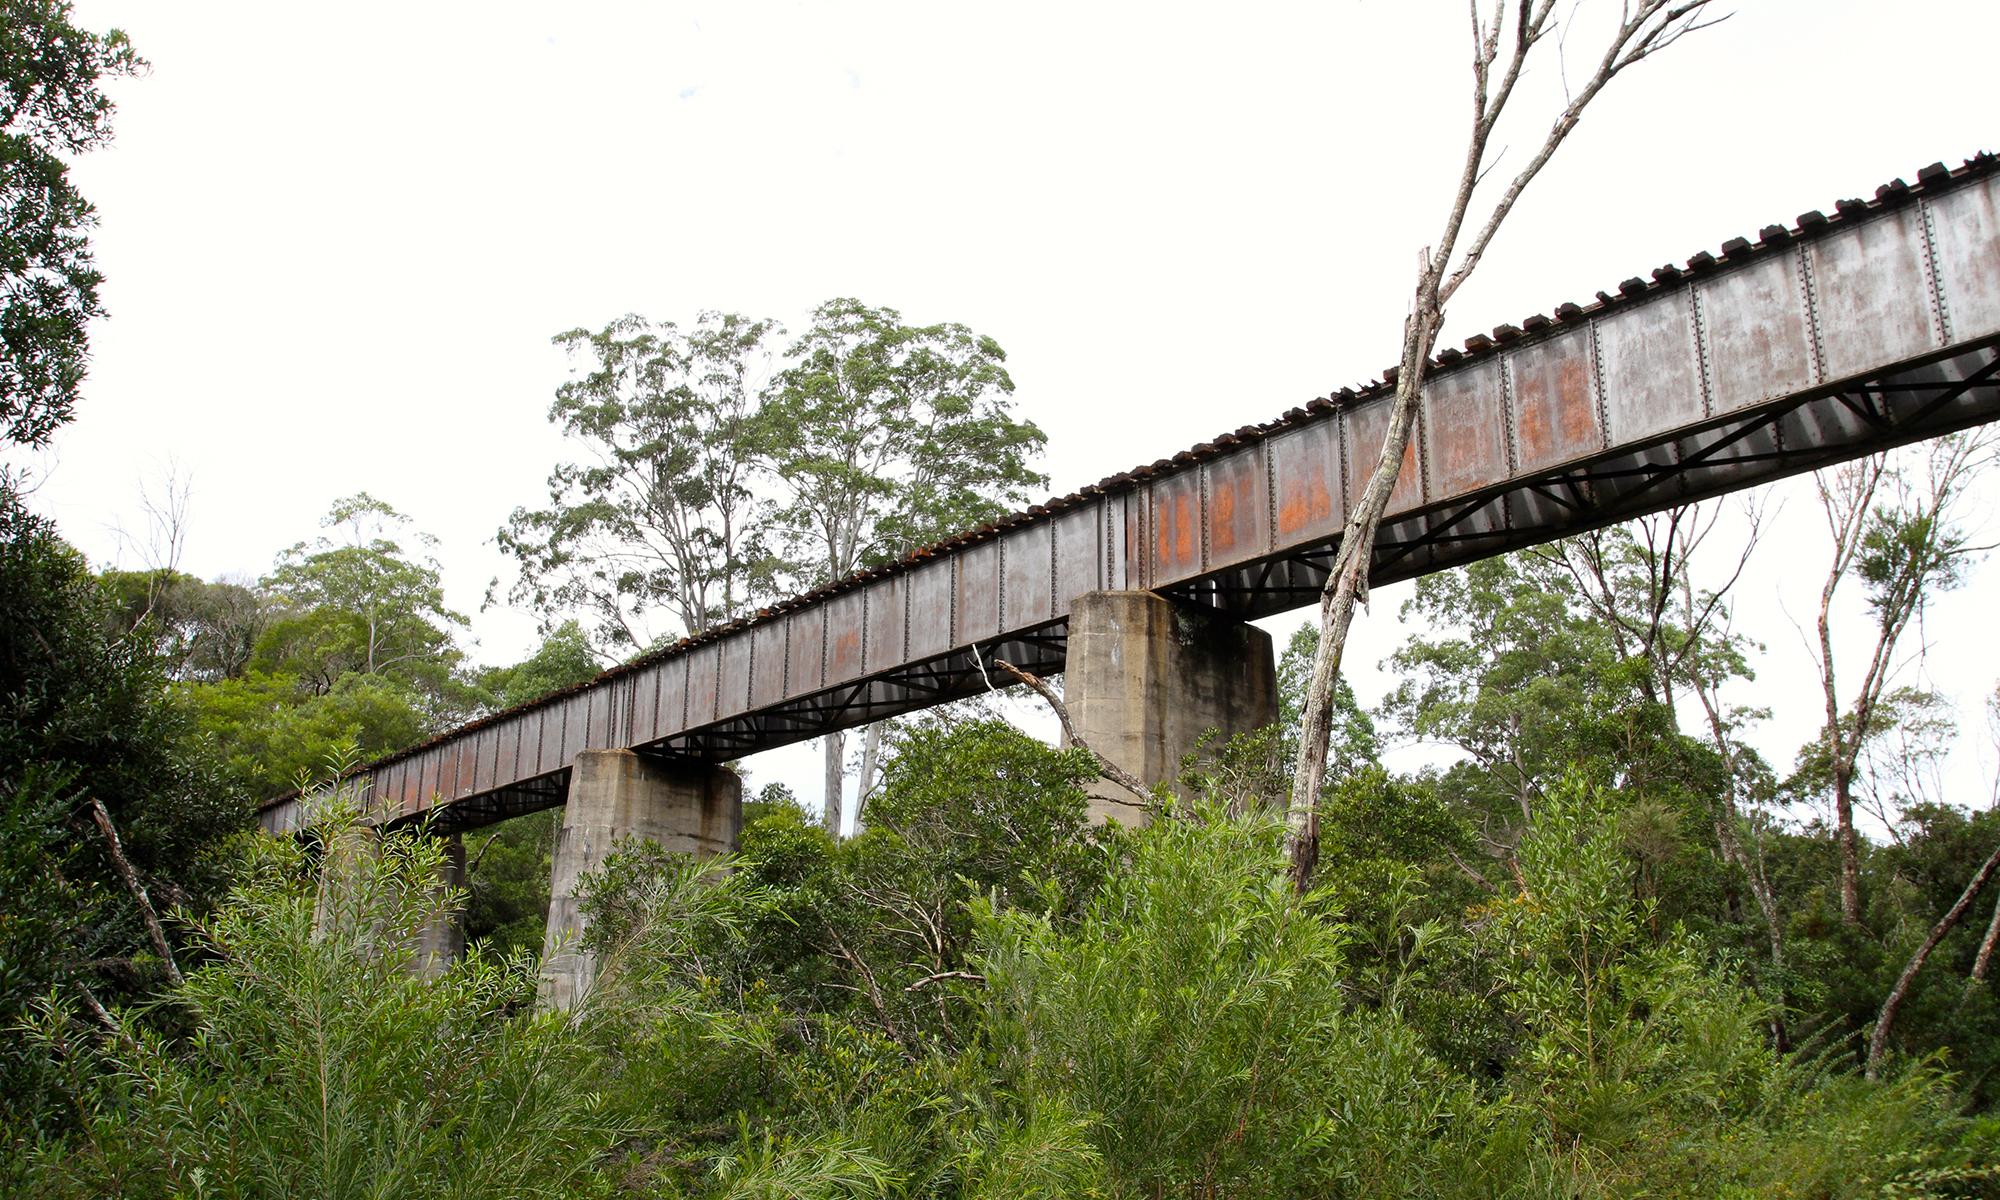 abandoned-railway-bridge